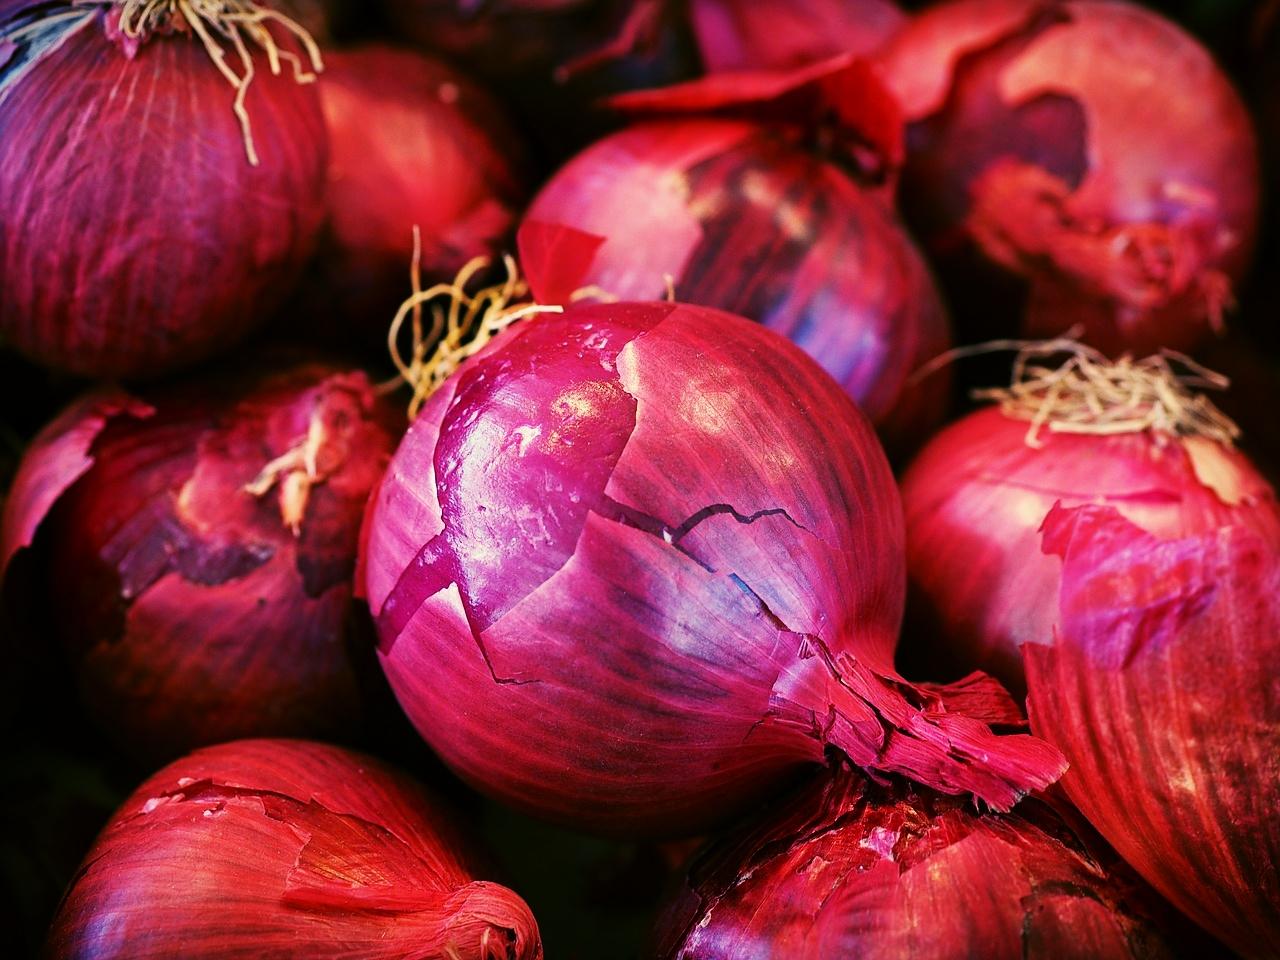 Colour Blind: Blue Onions